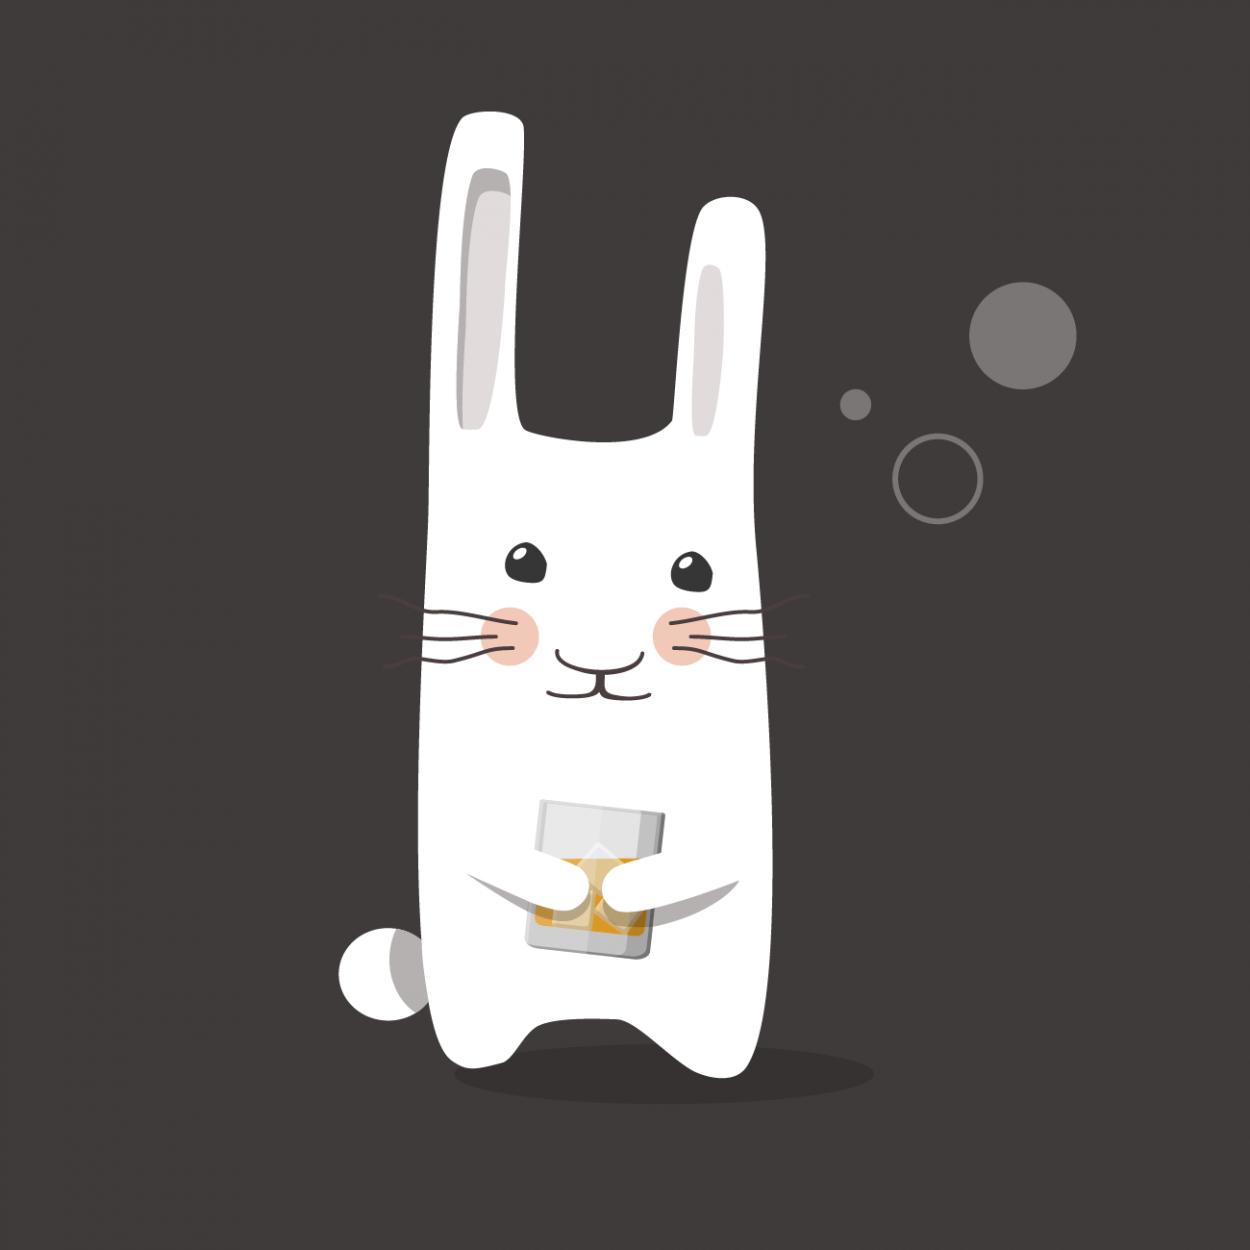 Иллюстрация к анекдоту про зайца в баре